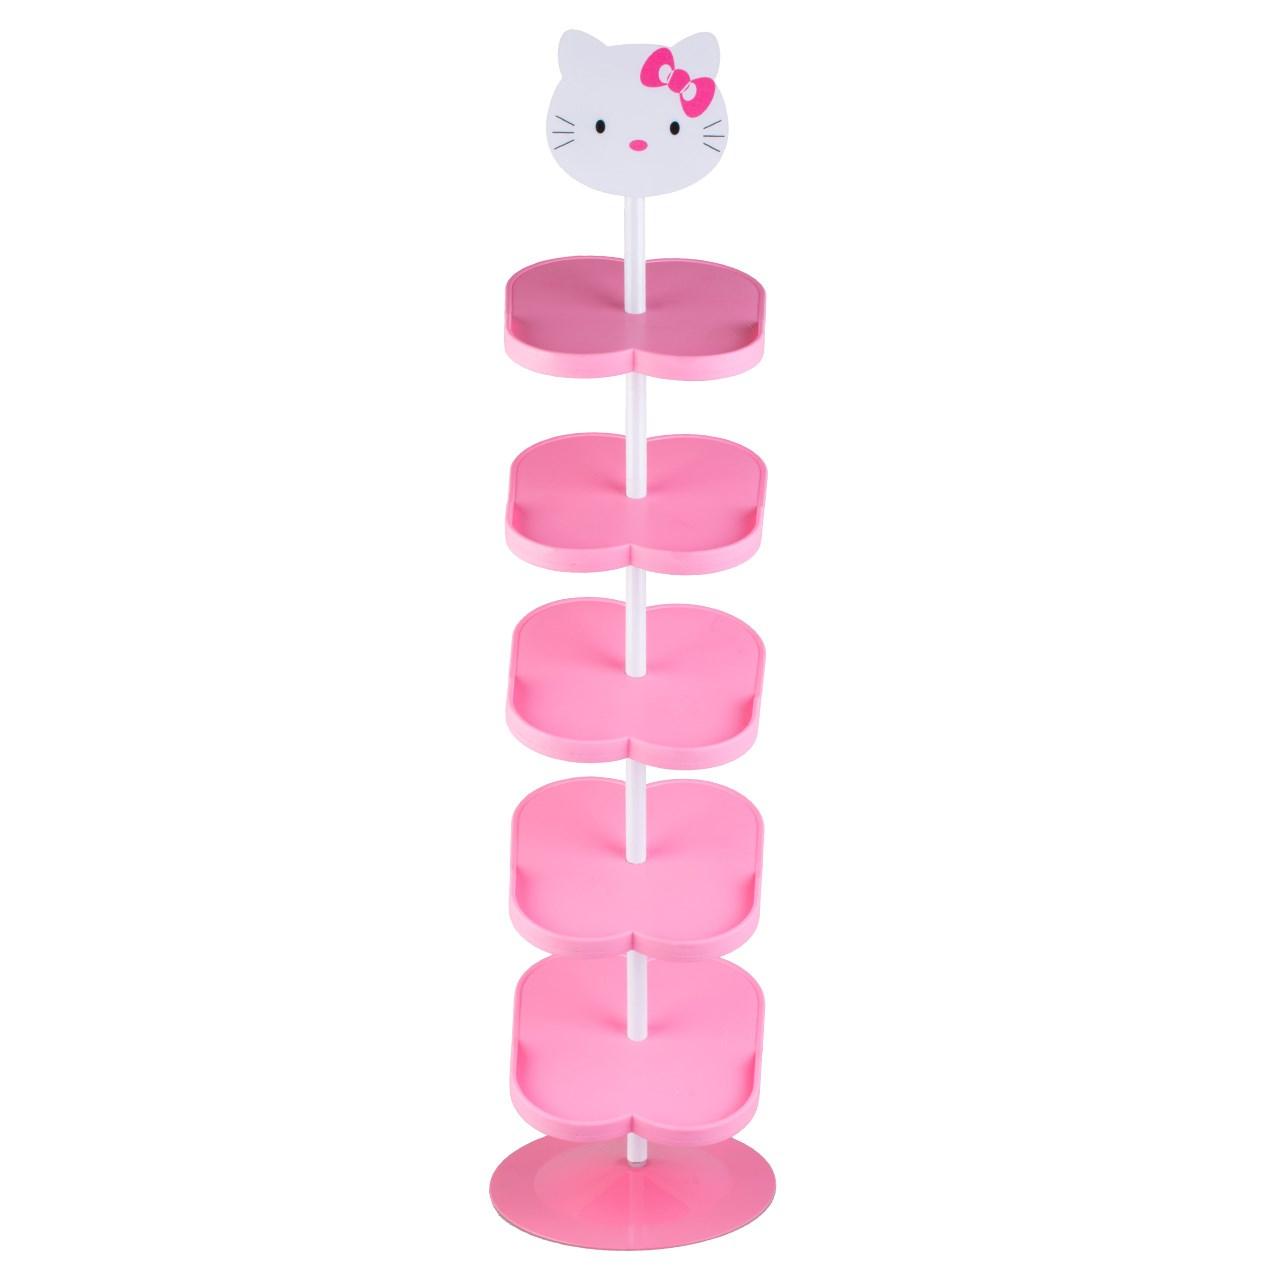 خرید جاکفشی کودک بی بی کمپ مدل کیتی 5 طبقه